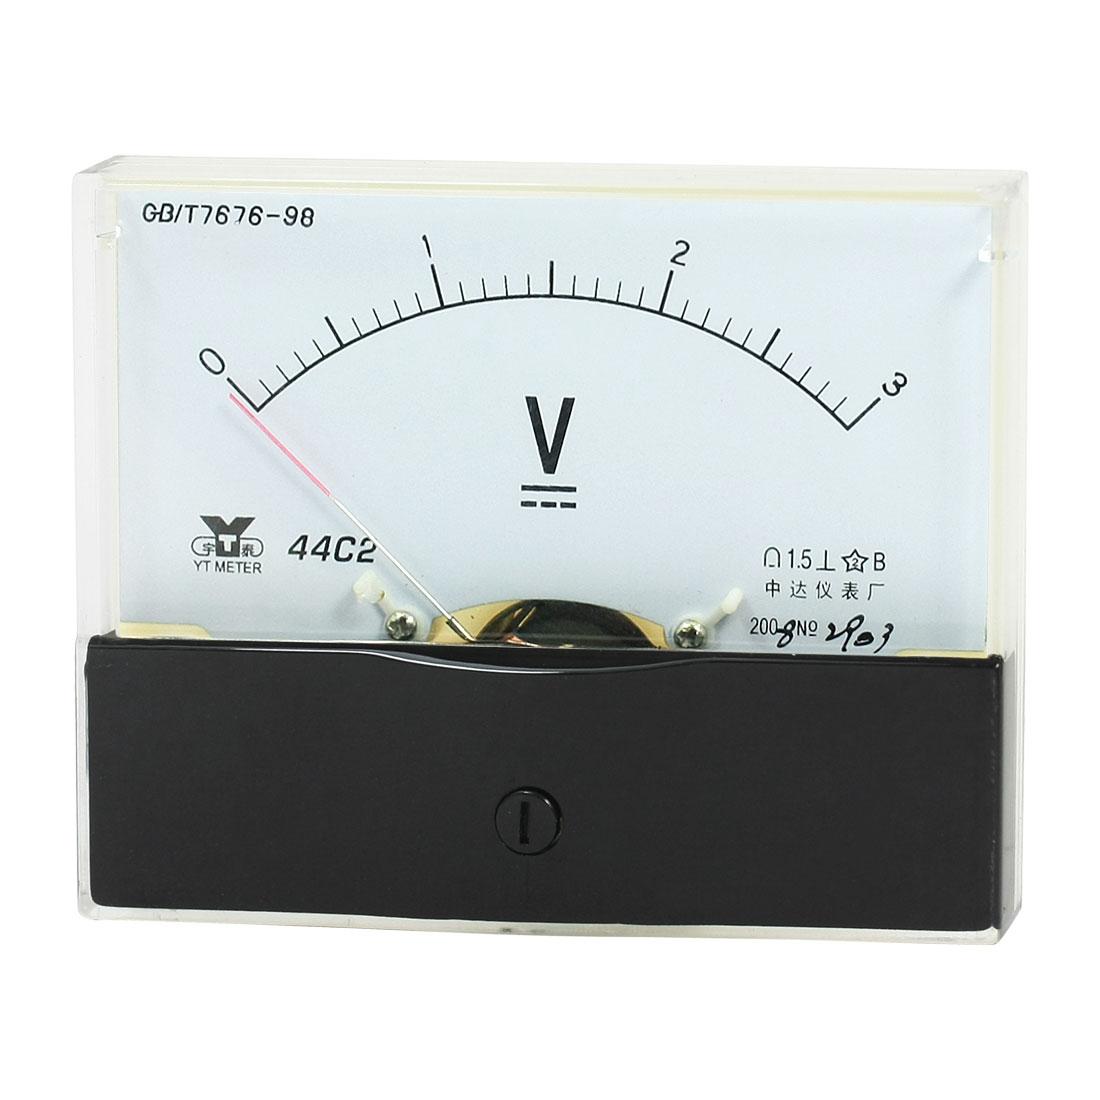 Measurement Tool Panel Mount Analog Voltmeter Volt Meter DC 0 - 3V Measuring Range 44C2